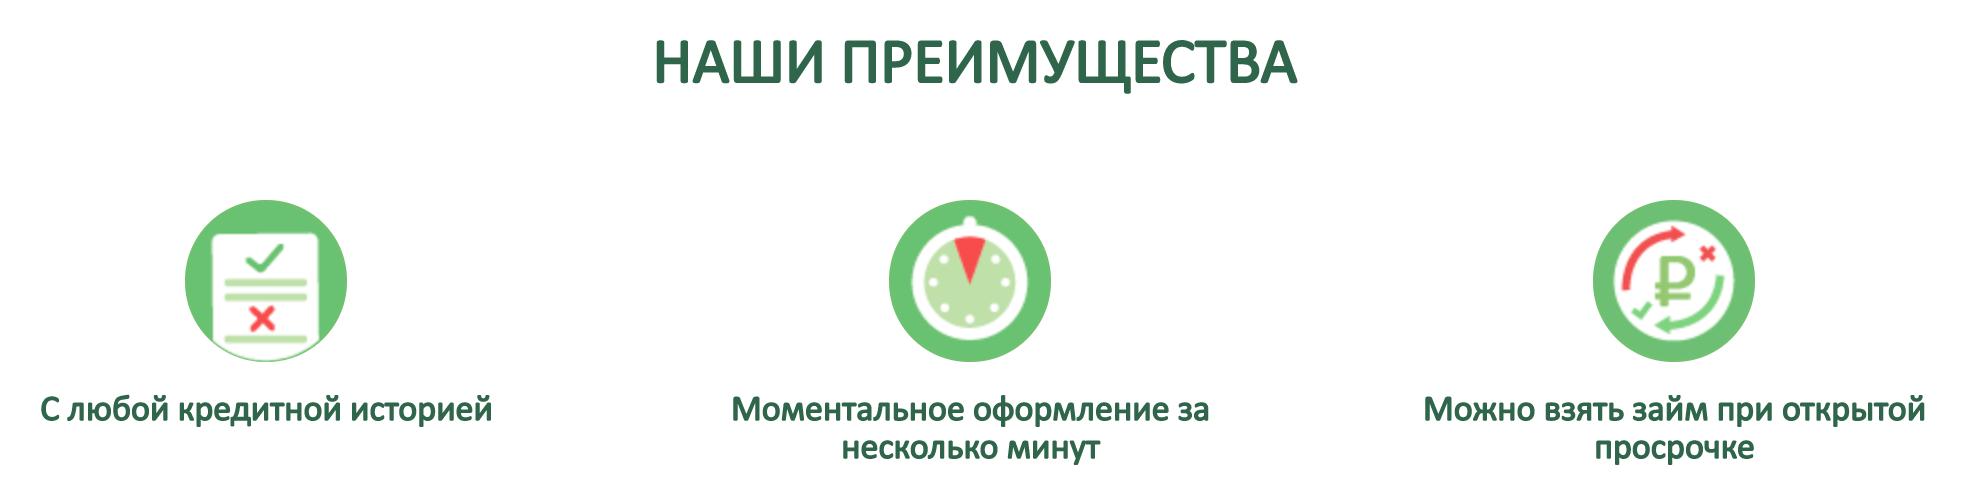 ДоброЗайм (Центр Займов): регистрация и вход в личный кабинет